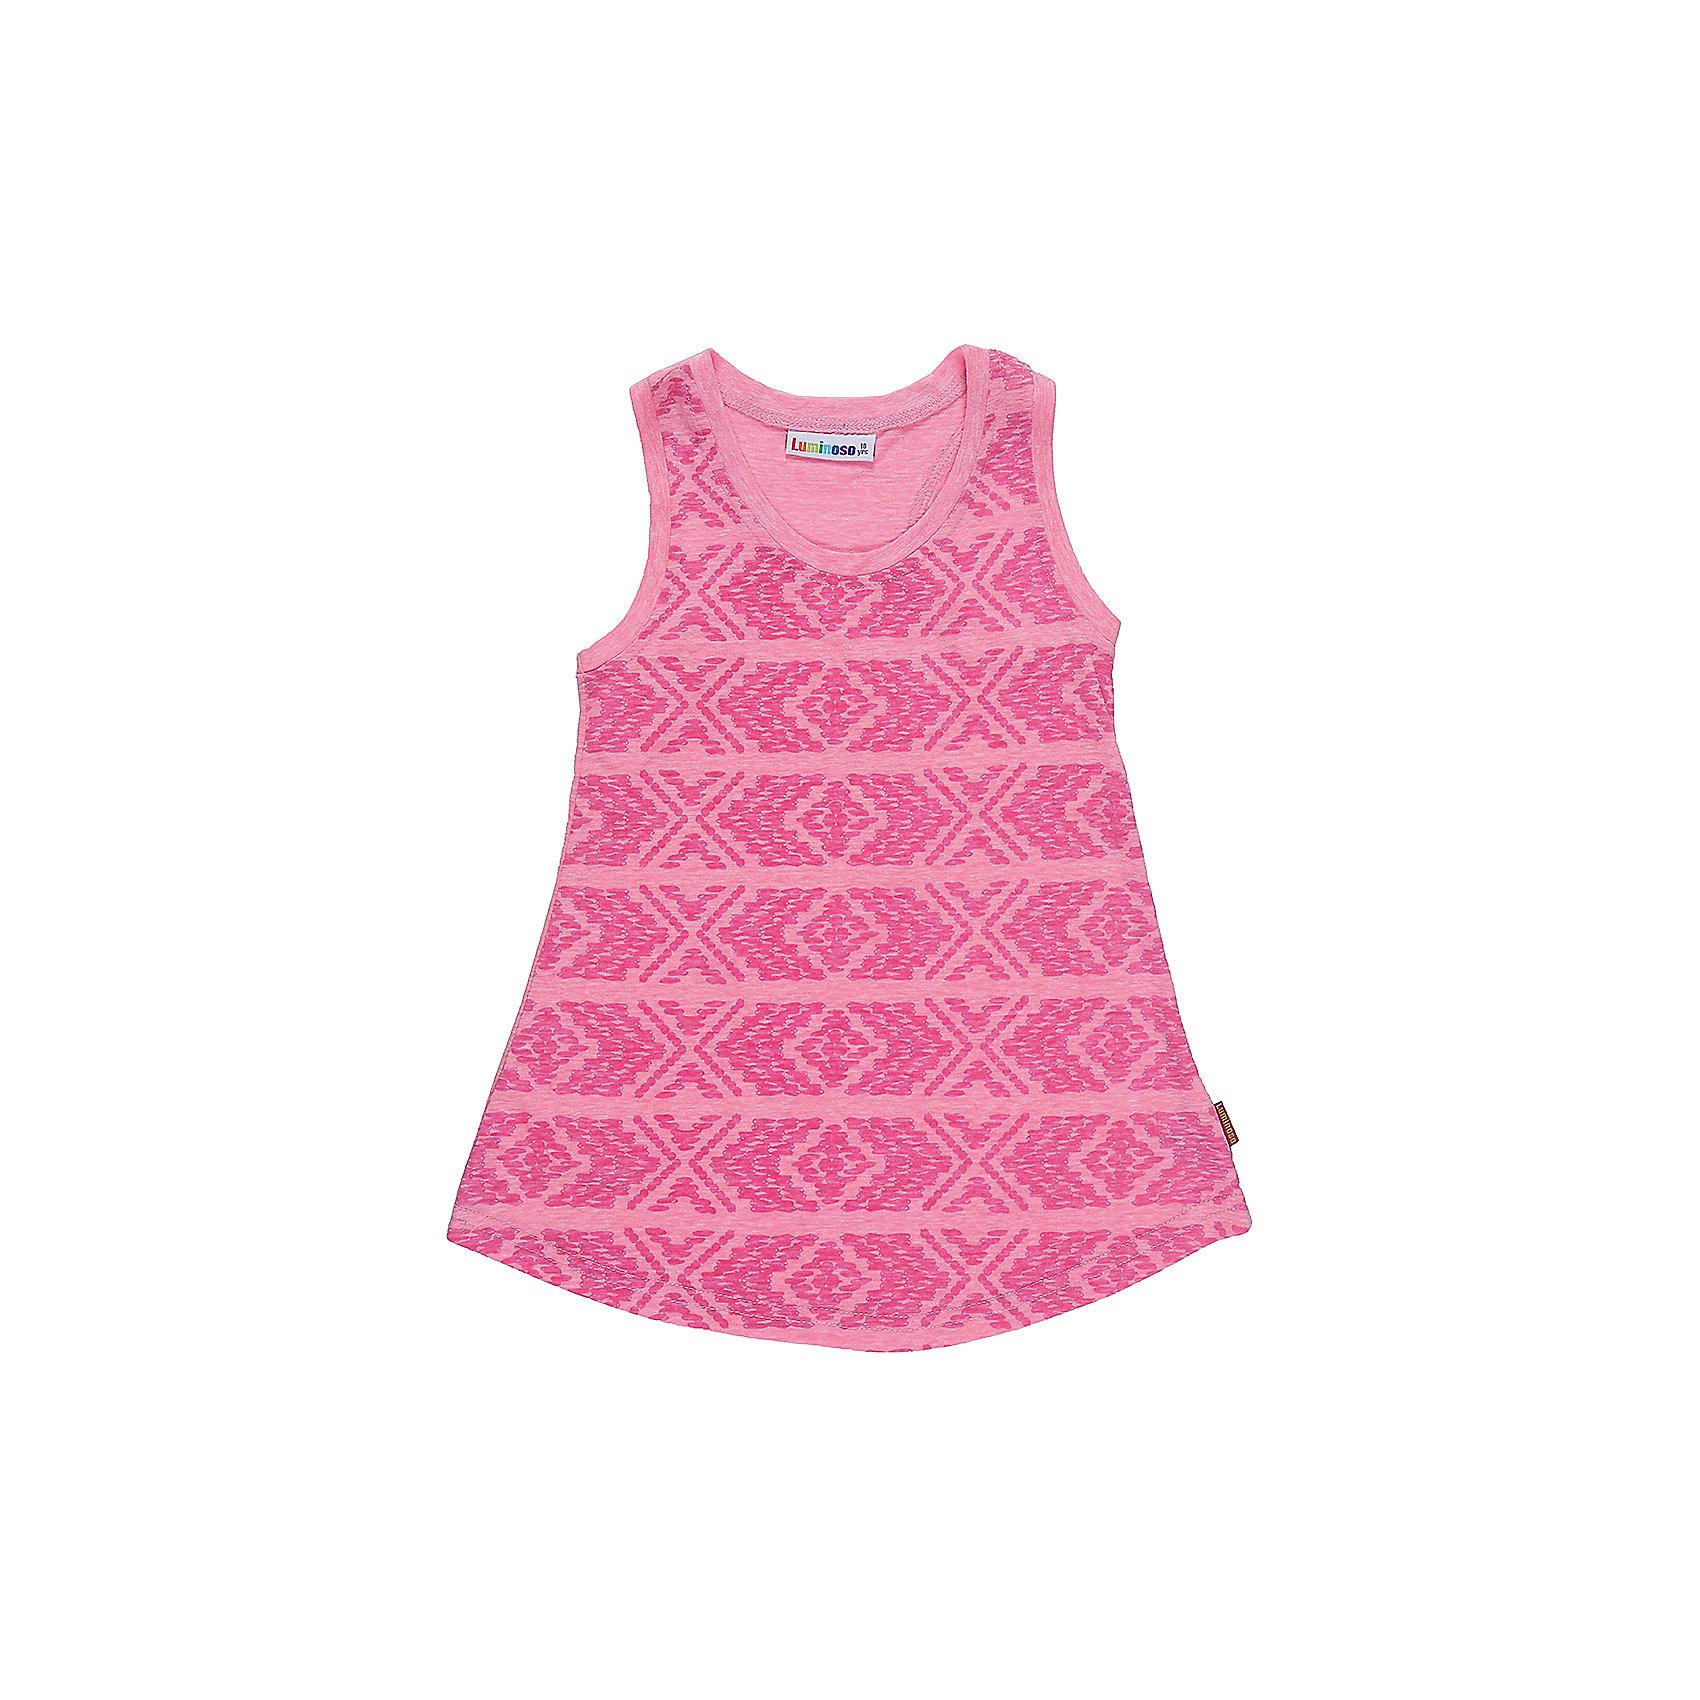 Майка для девочки LuminosoФутболки, поло и топы<br>Трикотажная майка-топ для девочки из принтованной ткани. Приталенный крой.<br>Состав:<br>45%вискоза 15%хлопок 40%полиэстер<br><br>Ширина мм: 199<br>Глубина мм: 10<br>Высота мм: 161<br>Вес г: 151<br>Цвет: розовый<br>Возраст от месяцев: 96<br>Возраст до месяцев: 108<br>Пол: Женский<br>Возраст: Детский<br>Размер: 134,140,146,152,158,164<br>SKU: 5413746